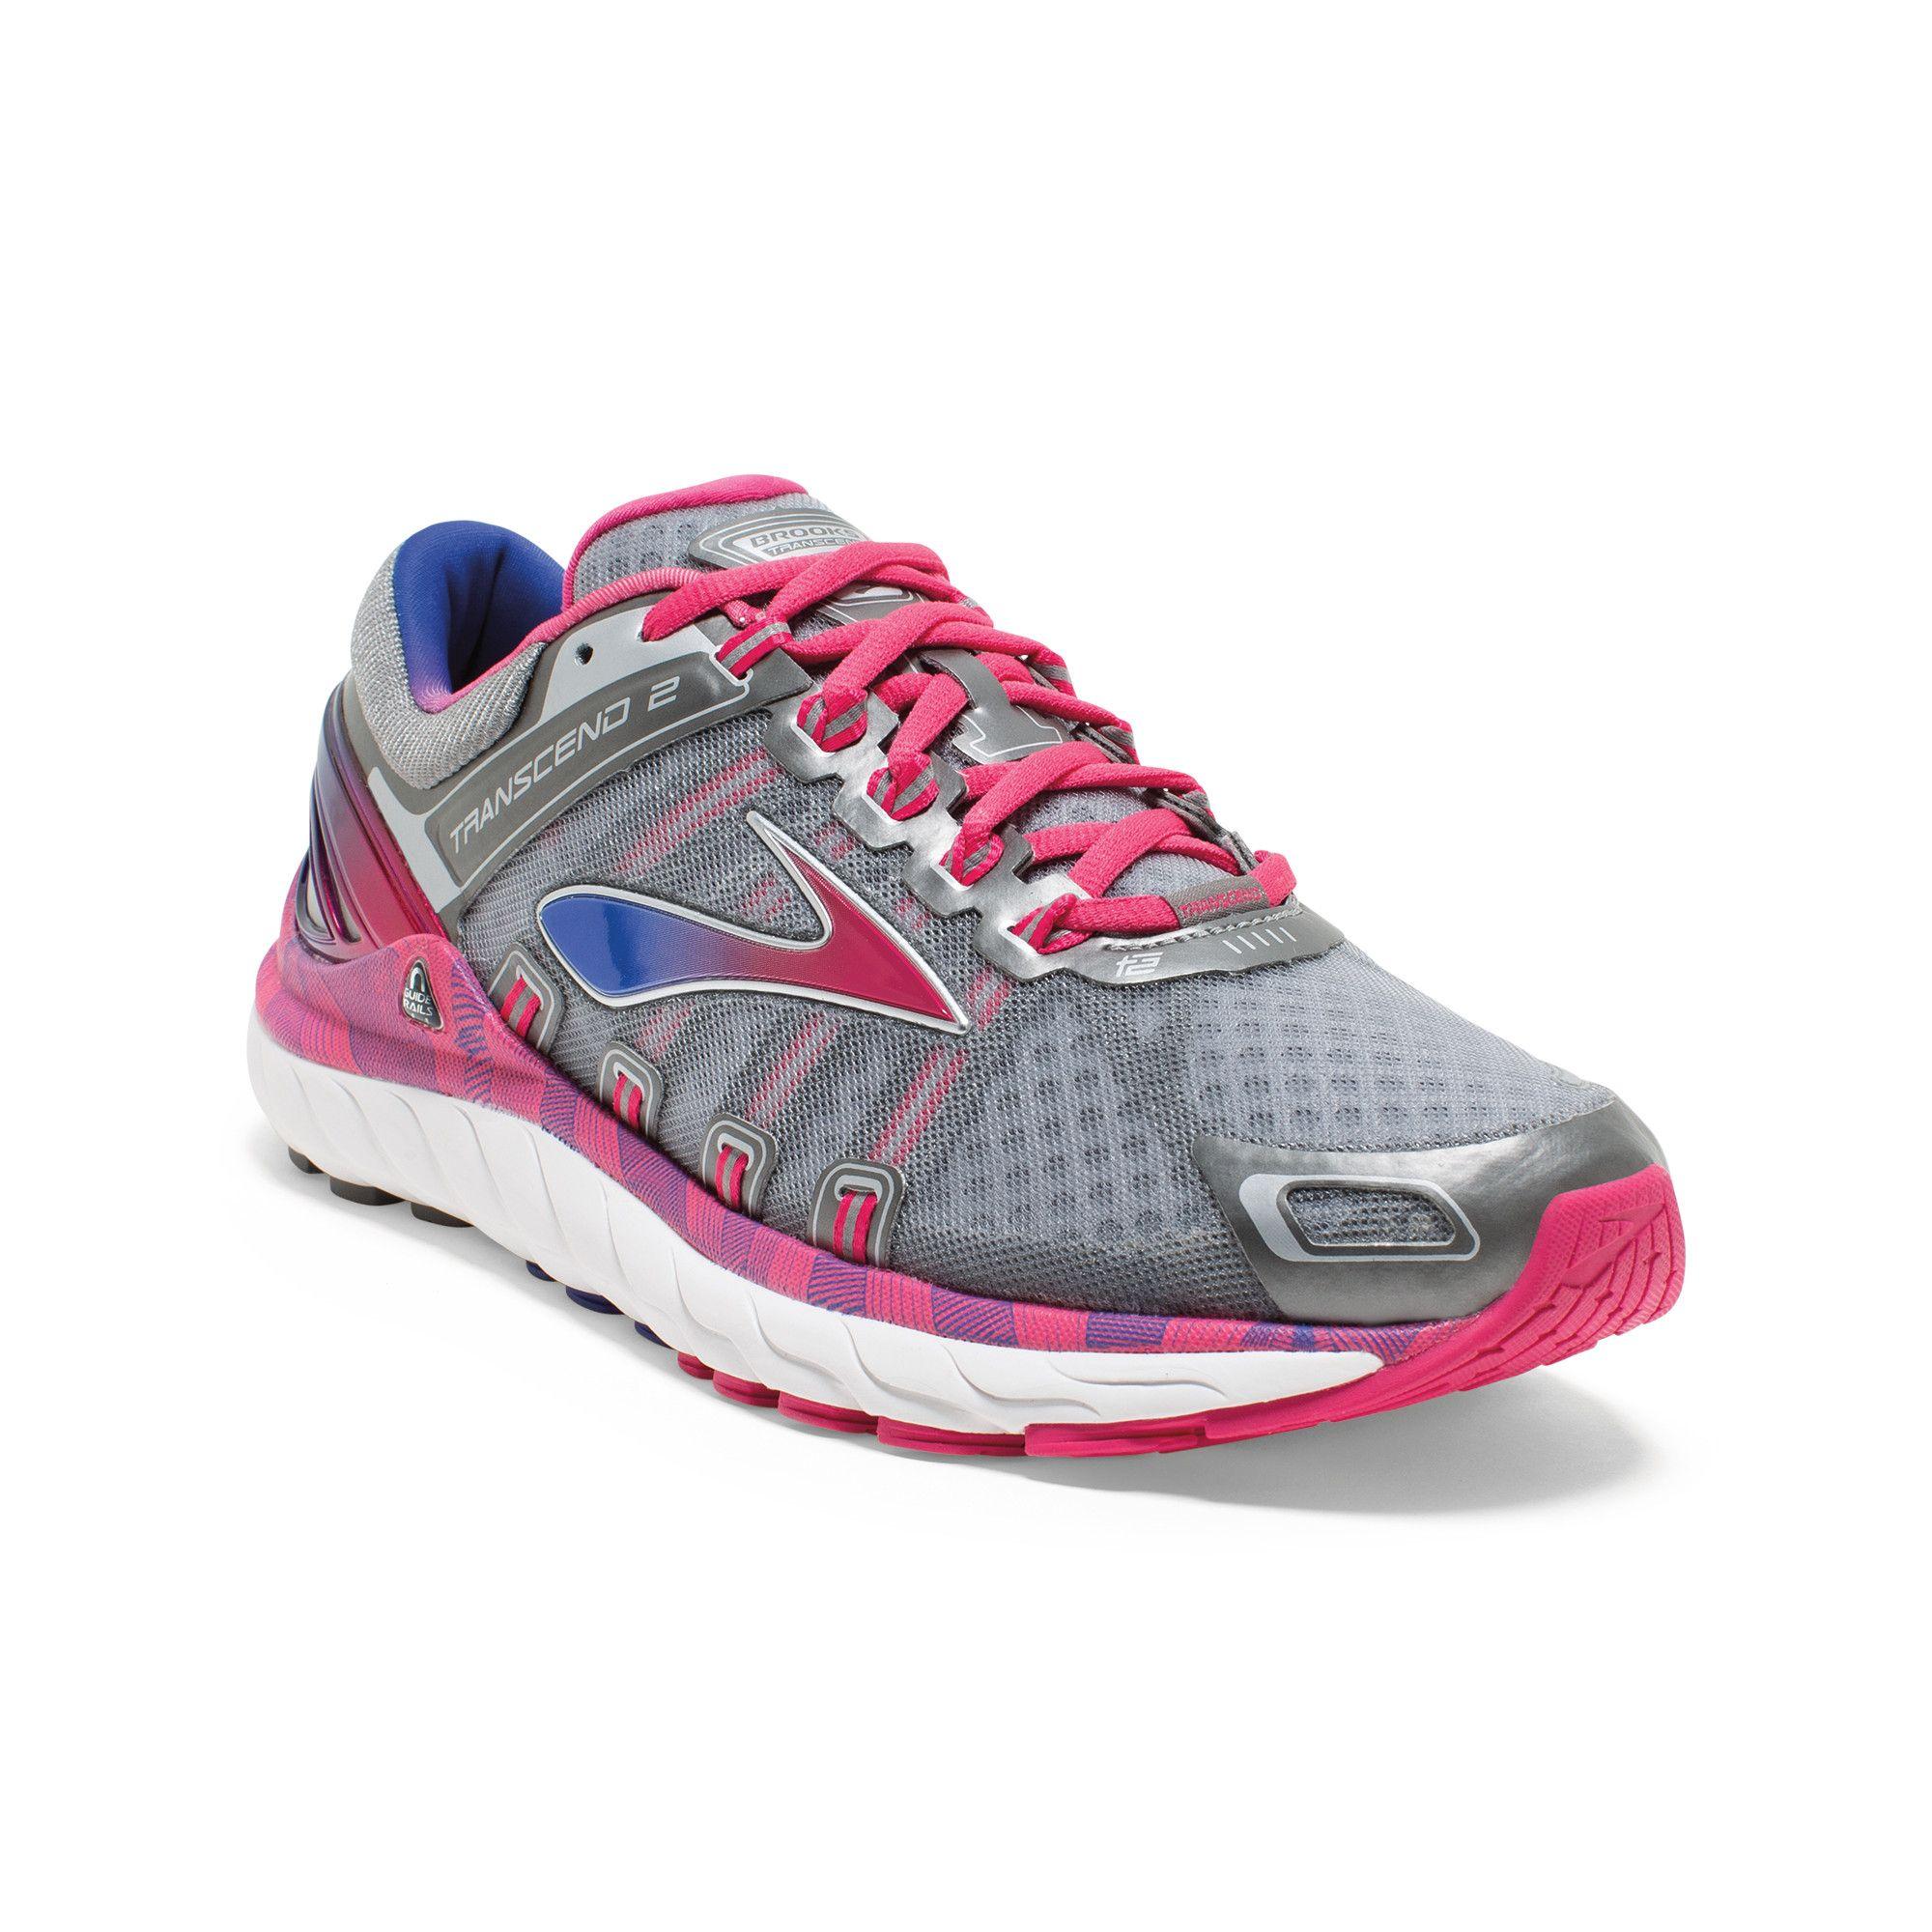 Brooks Running Damens's Running  Schuhes Transcend 2 Schuhe    Running  ... 97b253